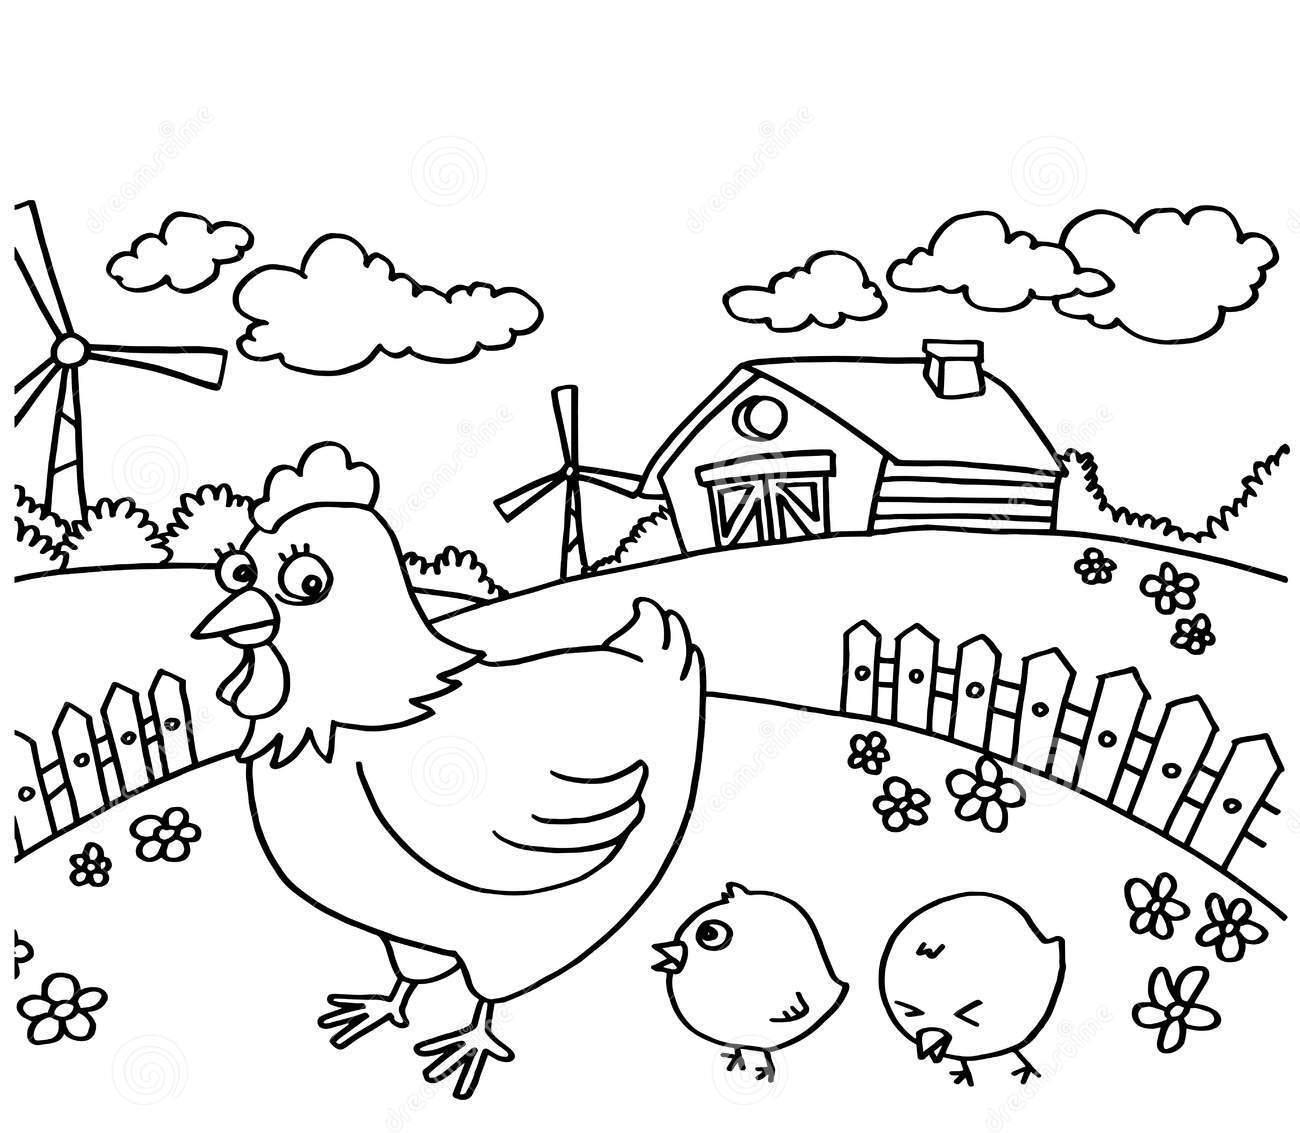 Tranh tô màu ngôi nhà ở nông thôn đẹp